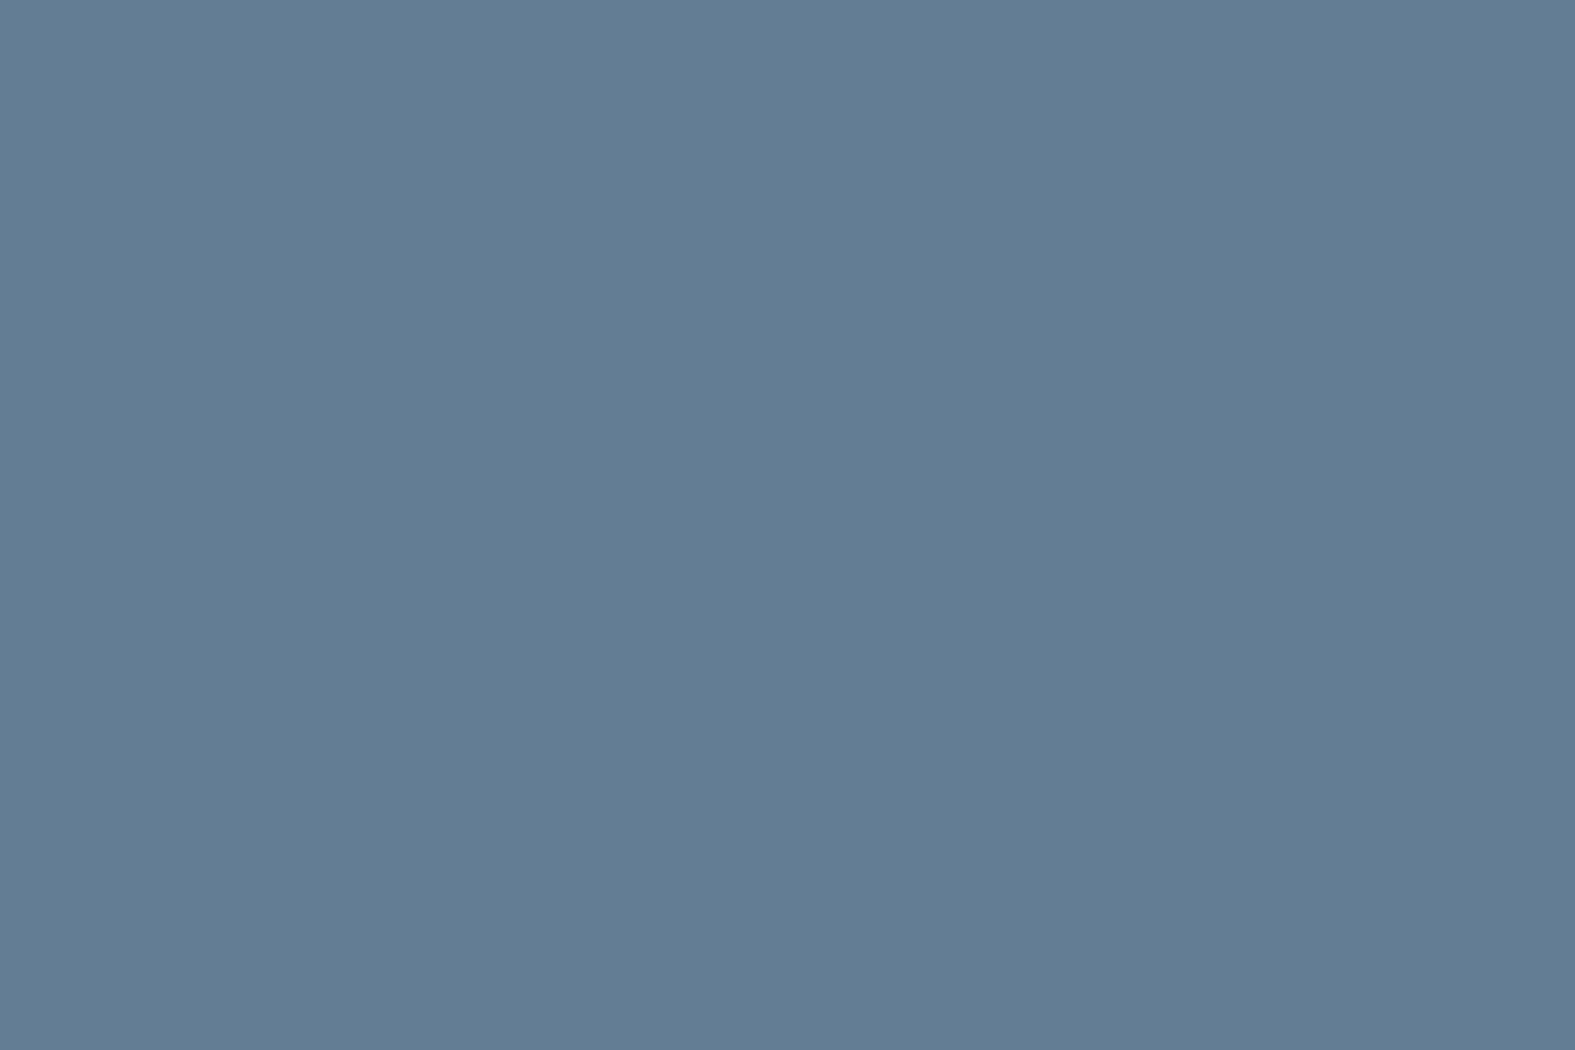 Эмаль RAL 5014 Серо-голубая